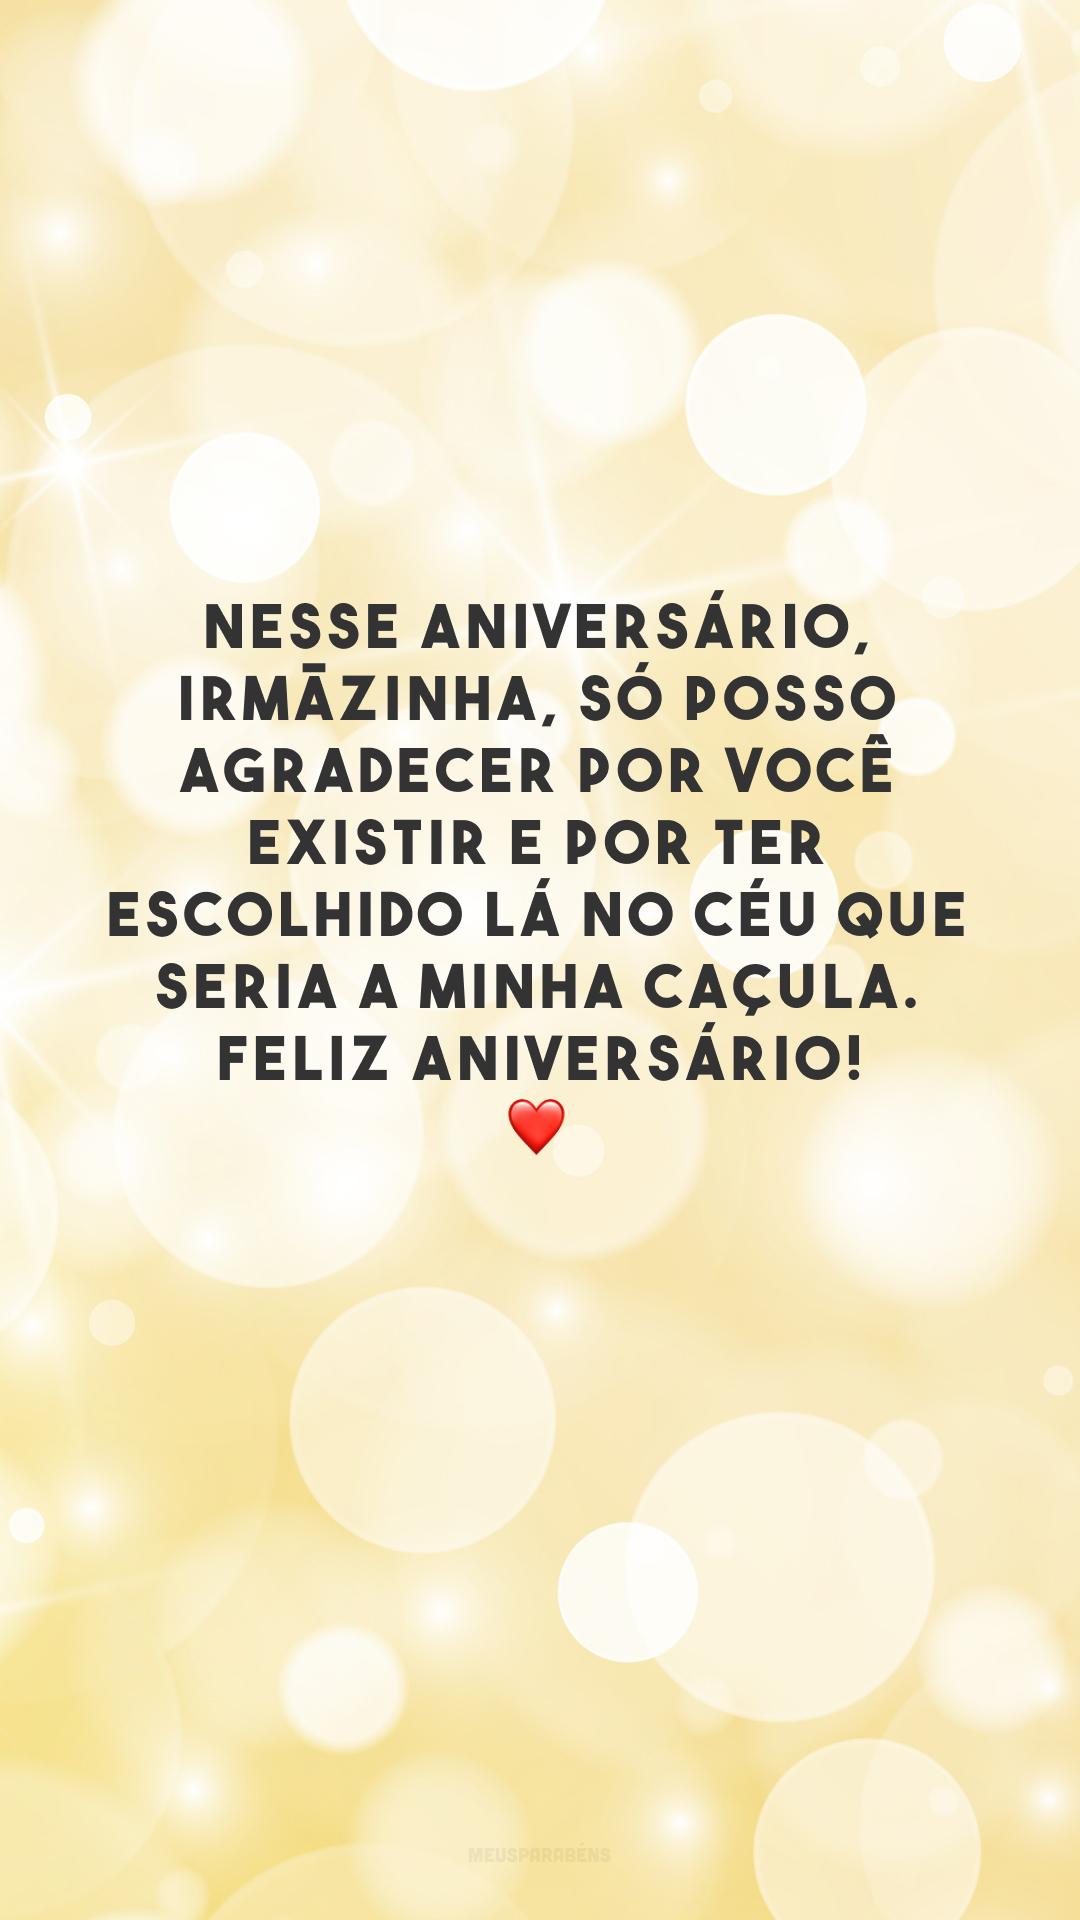 Nesse aniversário, irmãzinha, só posso agradecer por você existir e por ter escolhido lá no céu que seria a minha caçula. Feliz aniversário! ❤️